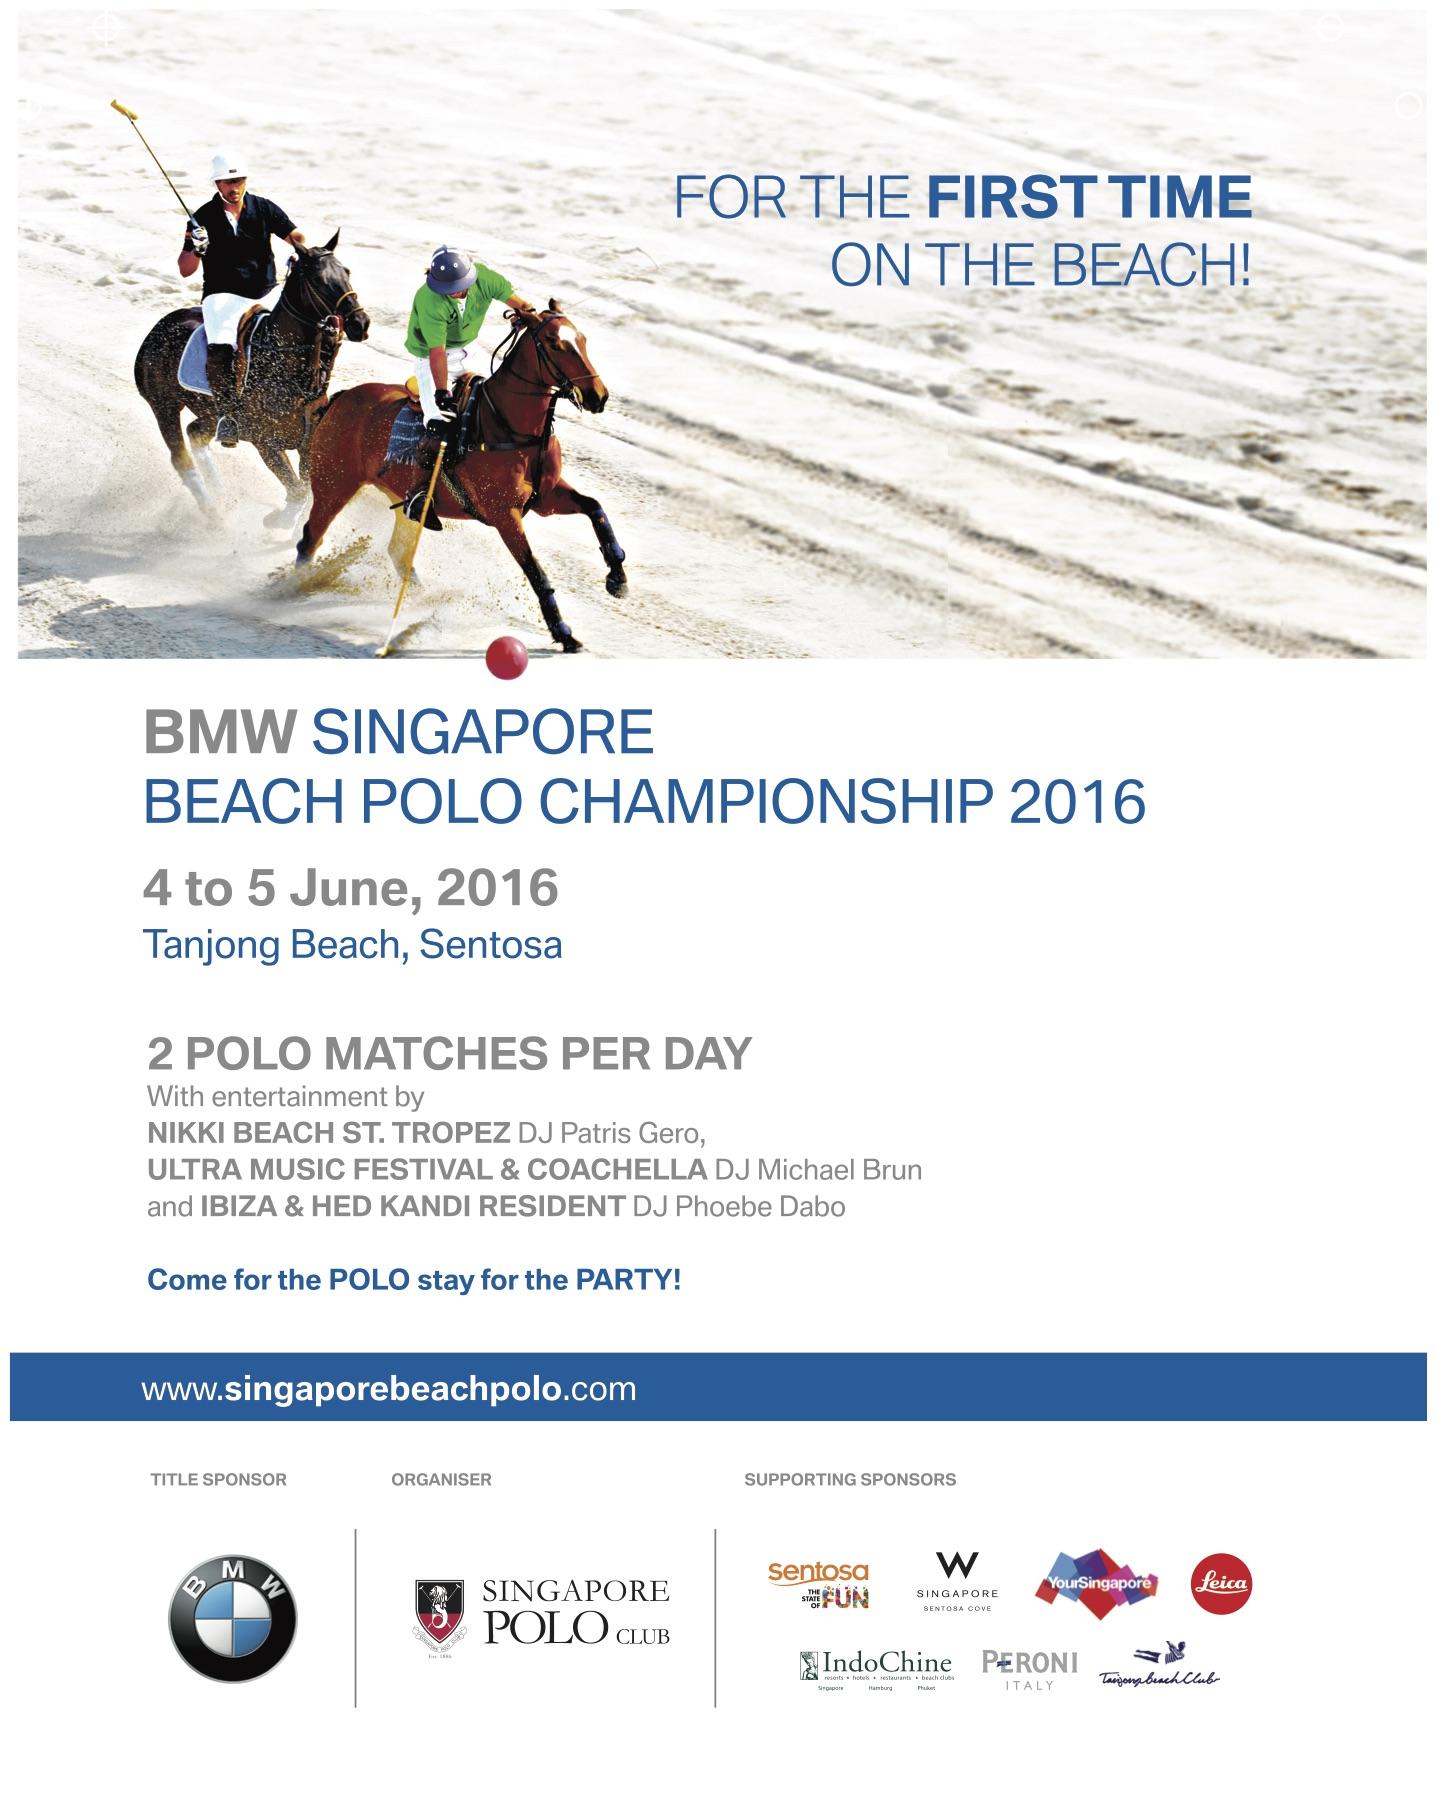 Singapore Beach Polo L'Officiel 220mm x 285mm